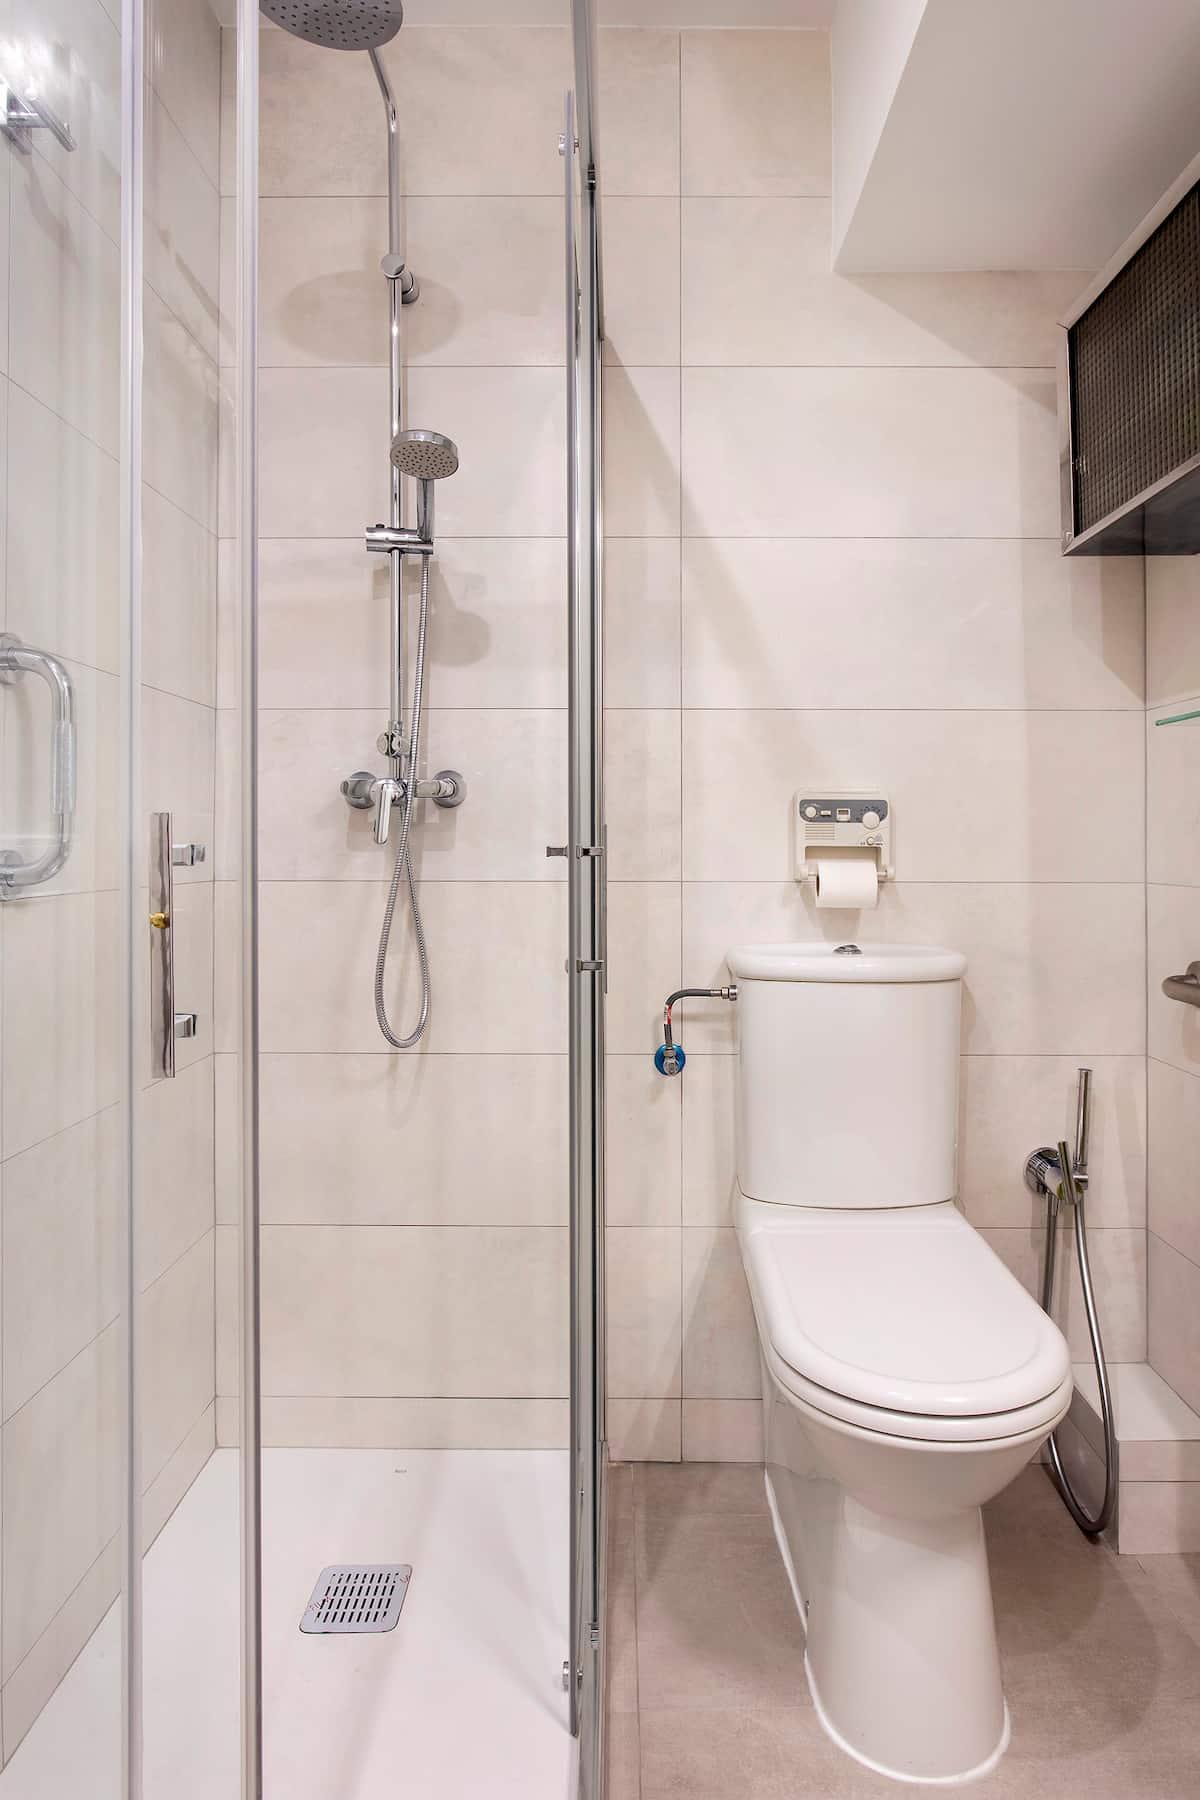 váter y ducha en baño pequeño